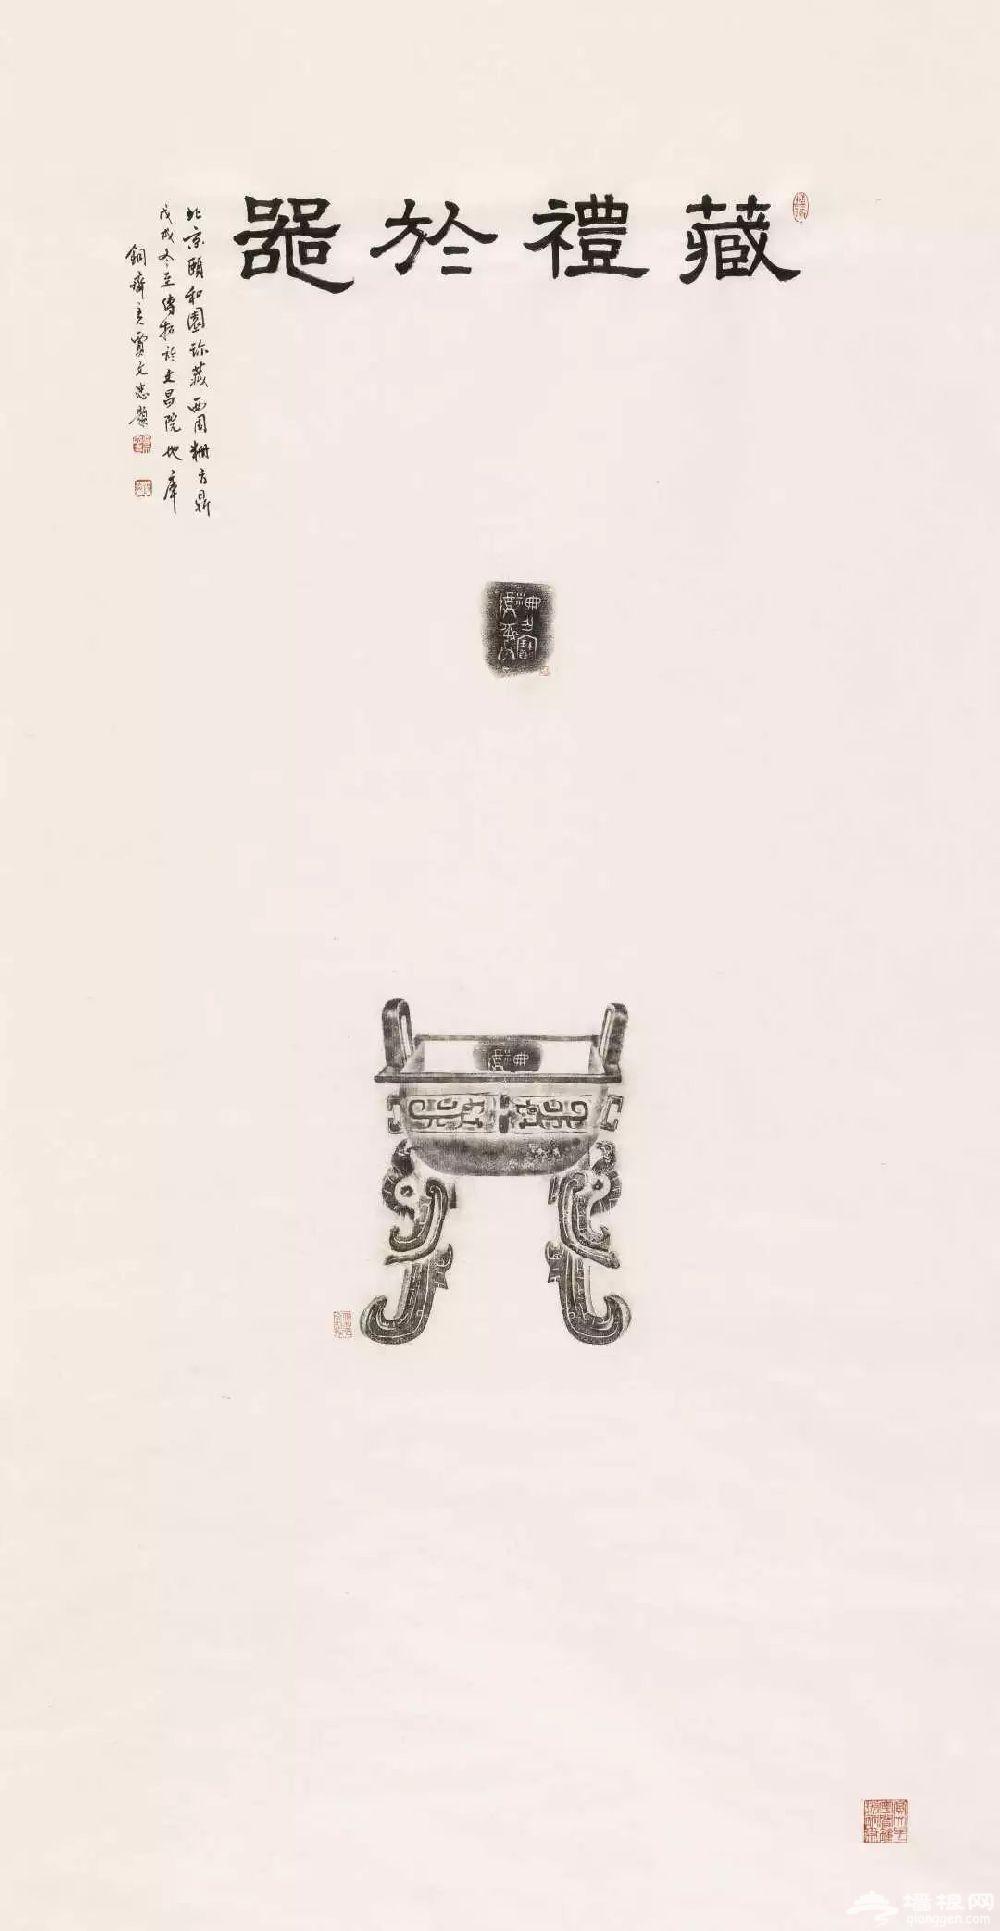 颐和园金石祥瑞-贾文忠全形拓艺术展时间、展品介绍、购票[墙根网]